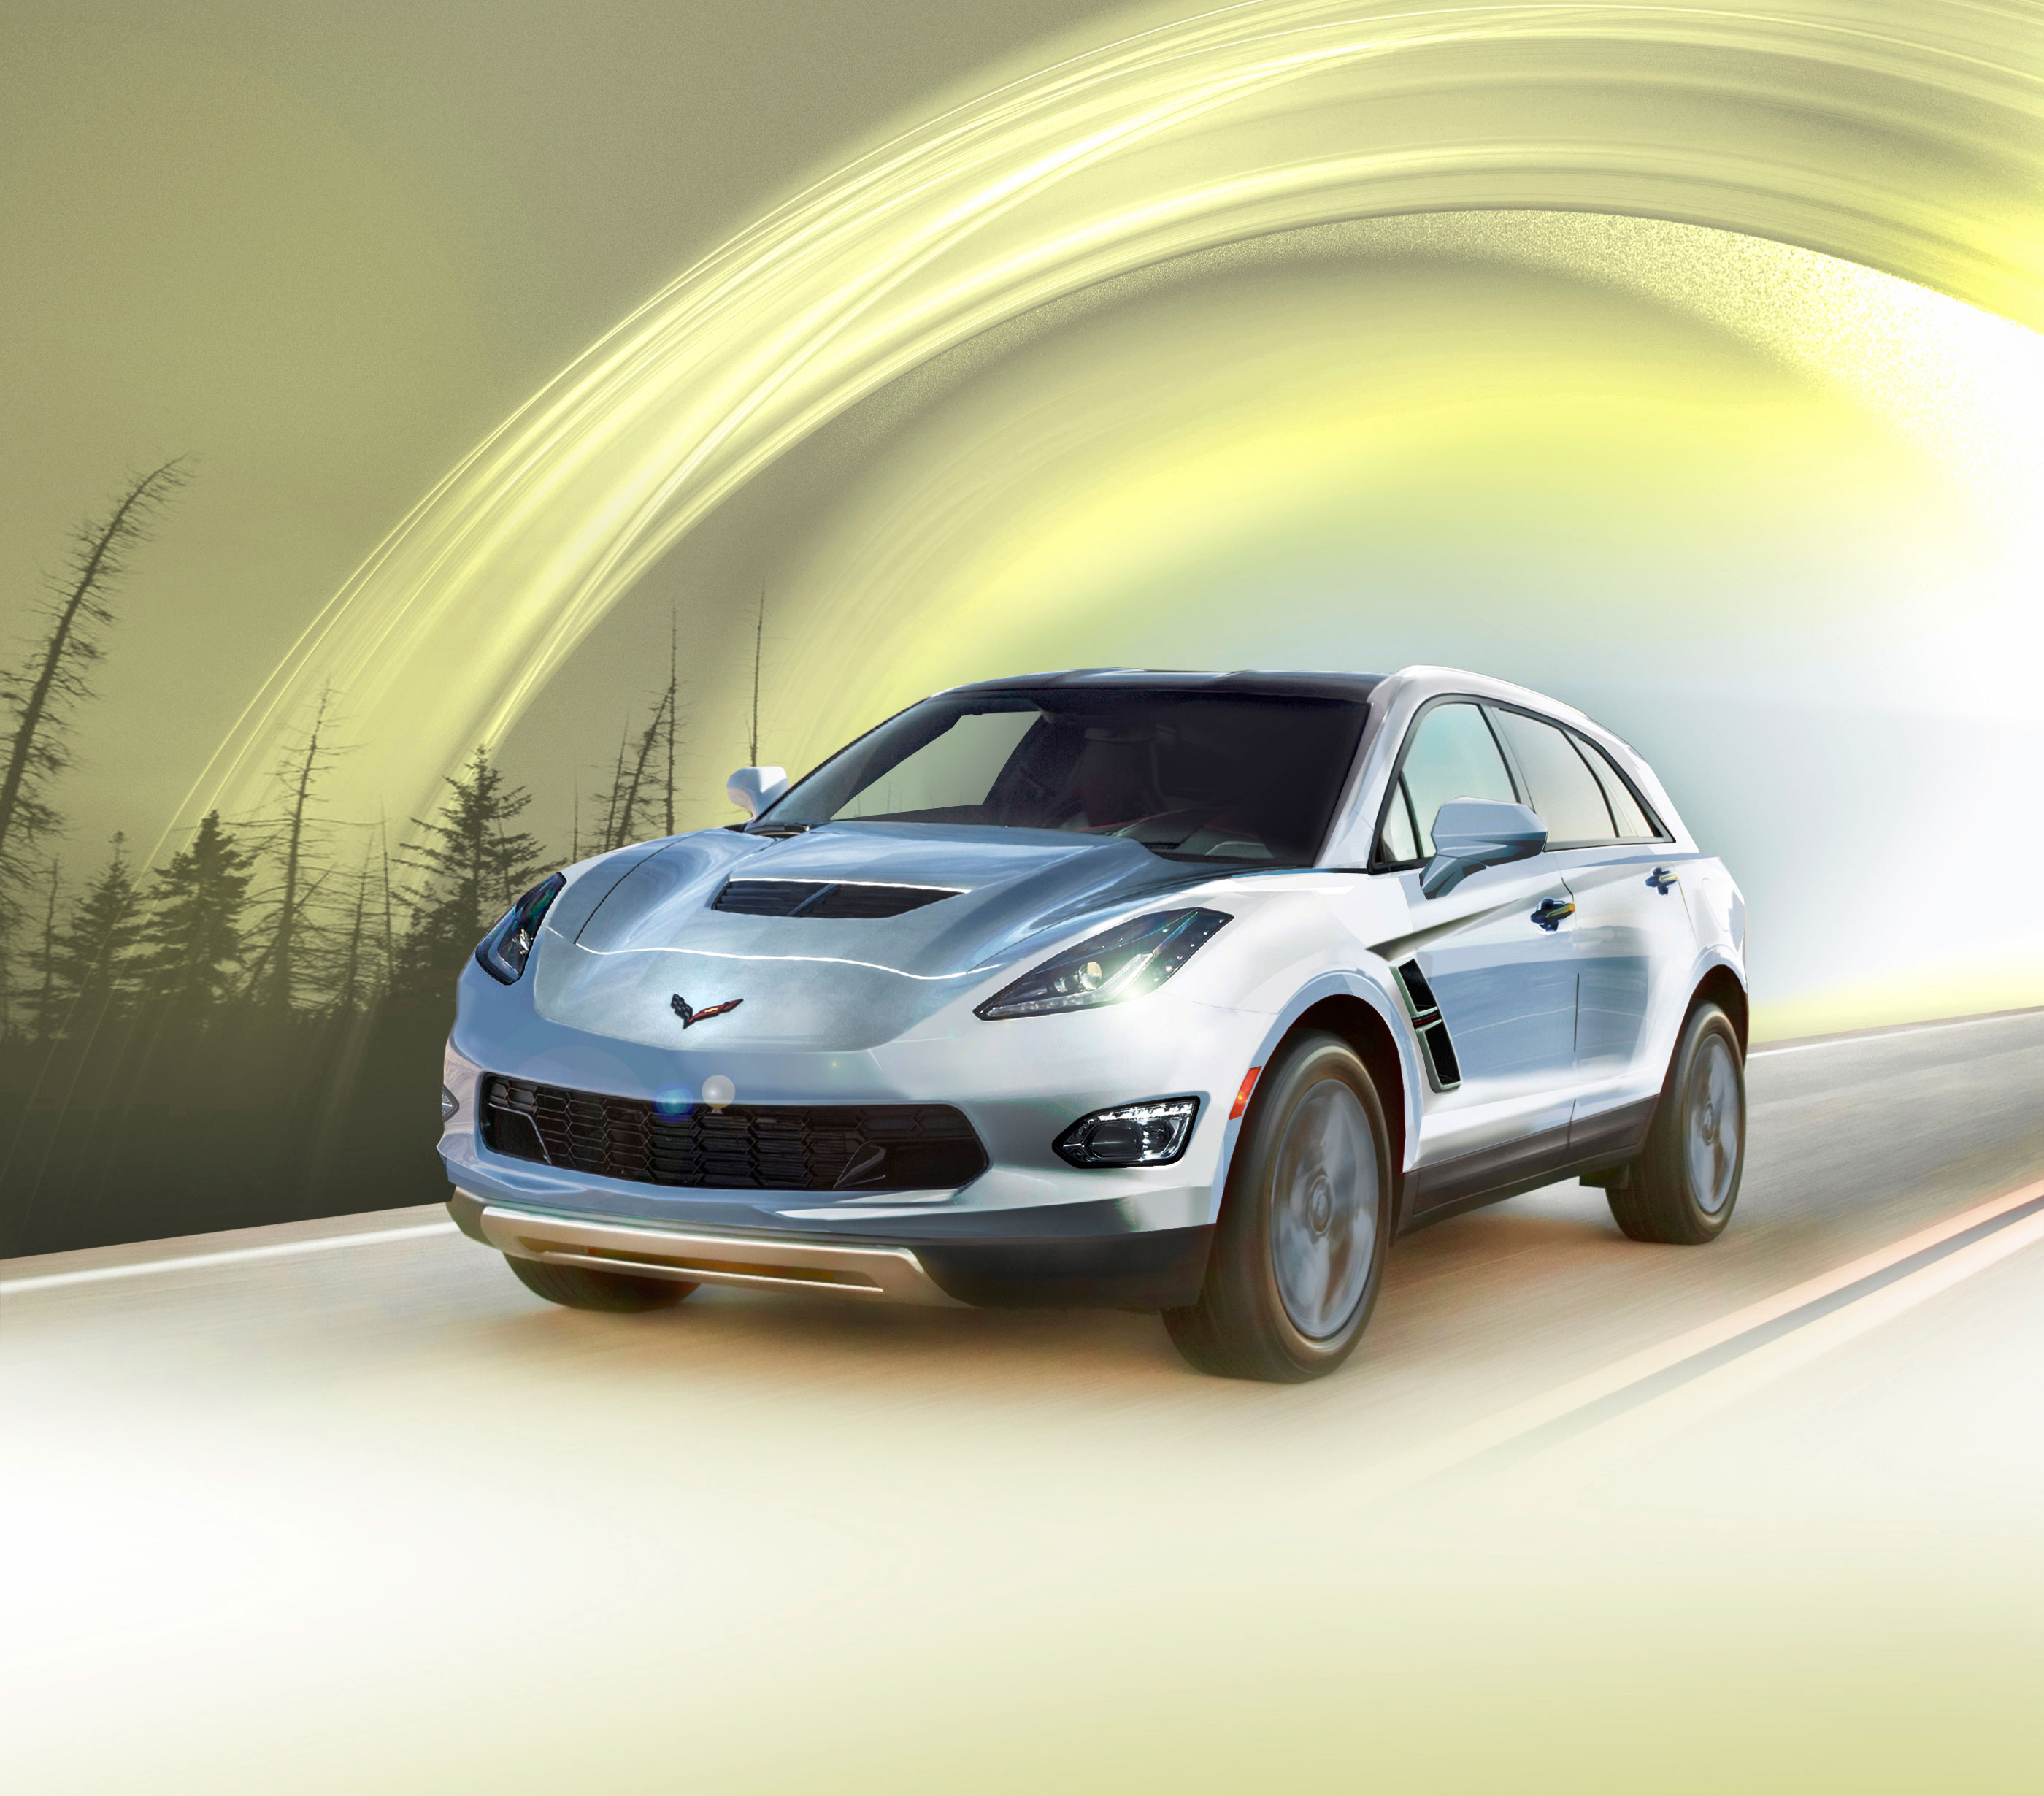 Flipboard: The Case For A Corvette SUV